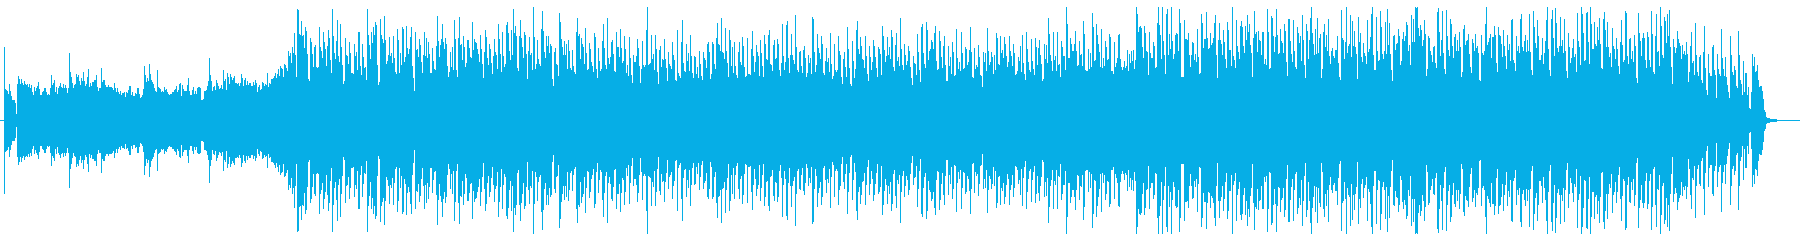 爽やかなテクノポップの再生済みの波形